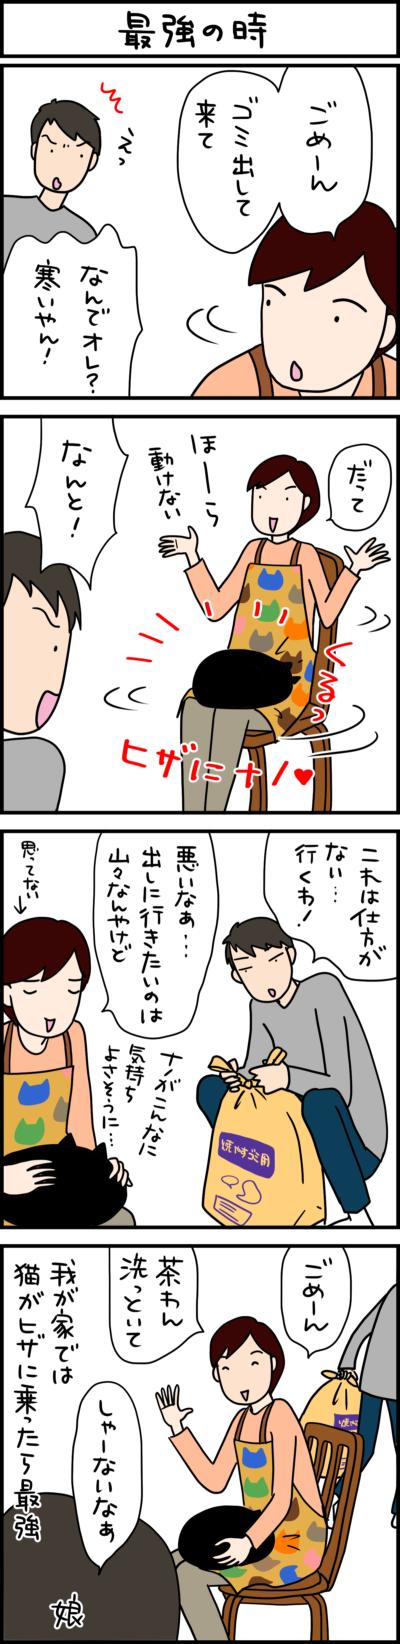 猫が膝に乗った時の4コマ猫漫画